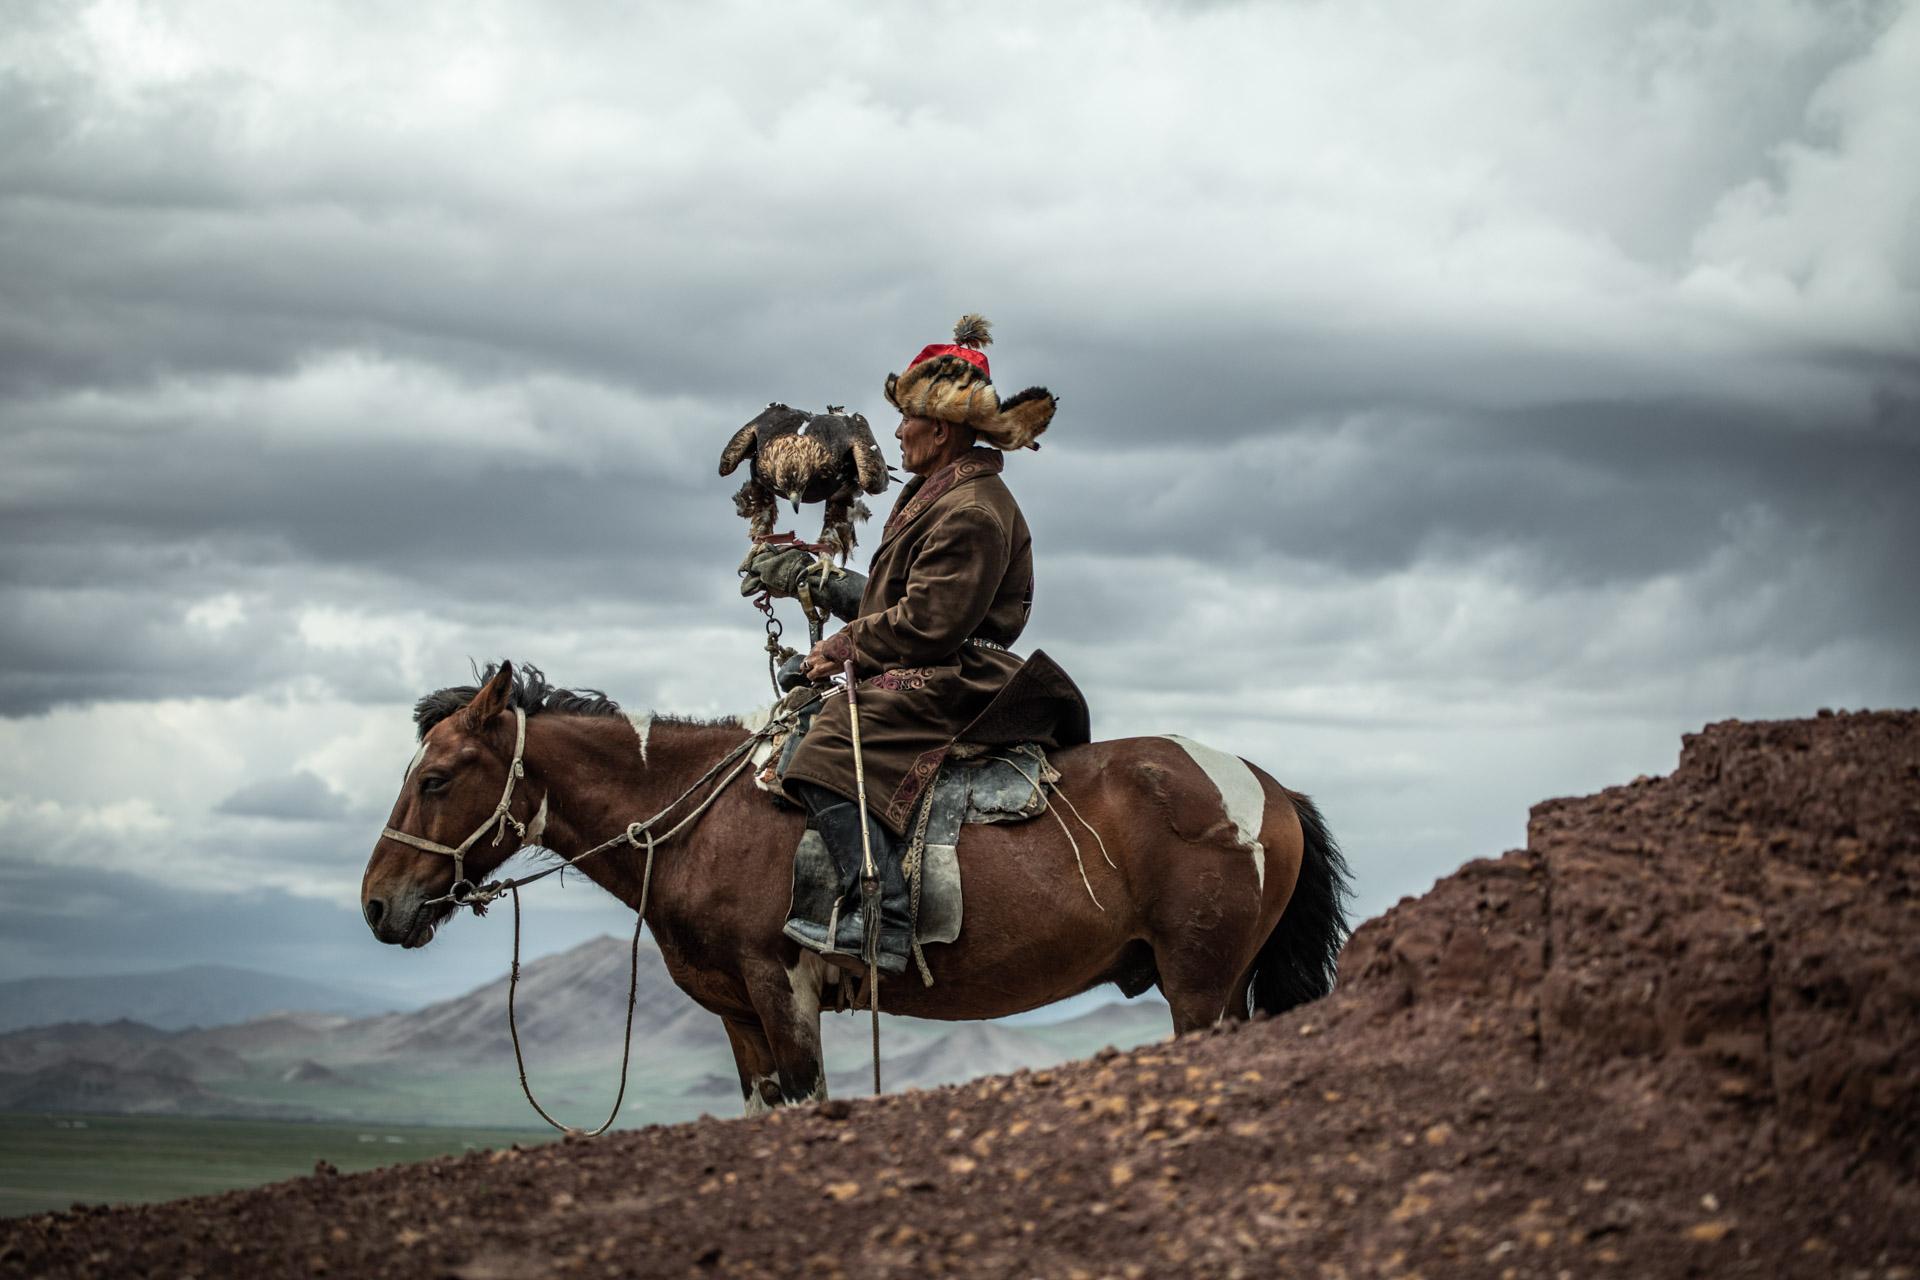 eagle-hunters-mongolia-photography